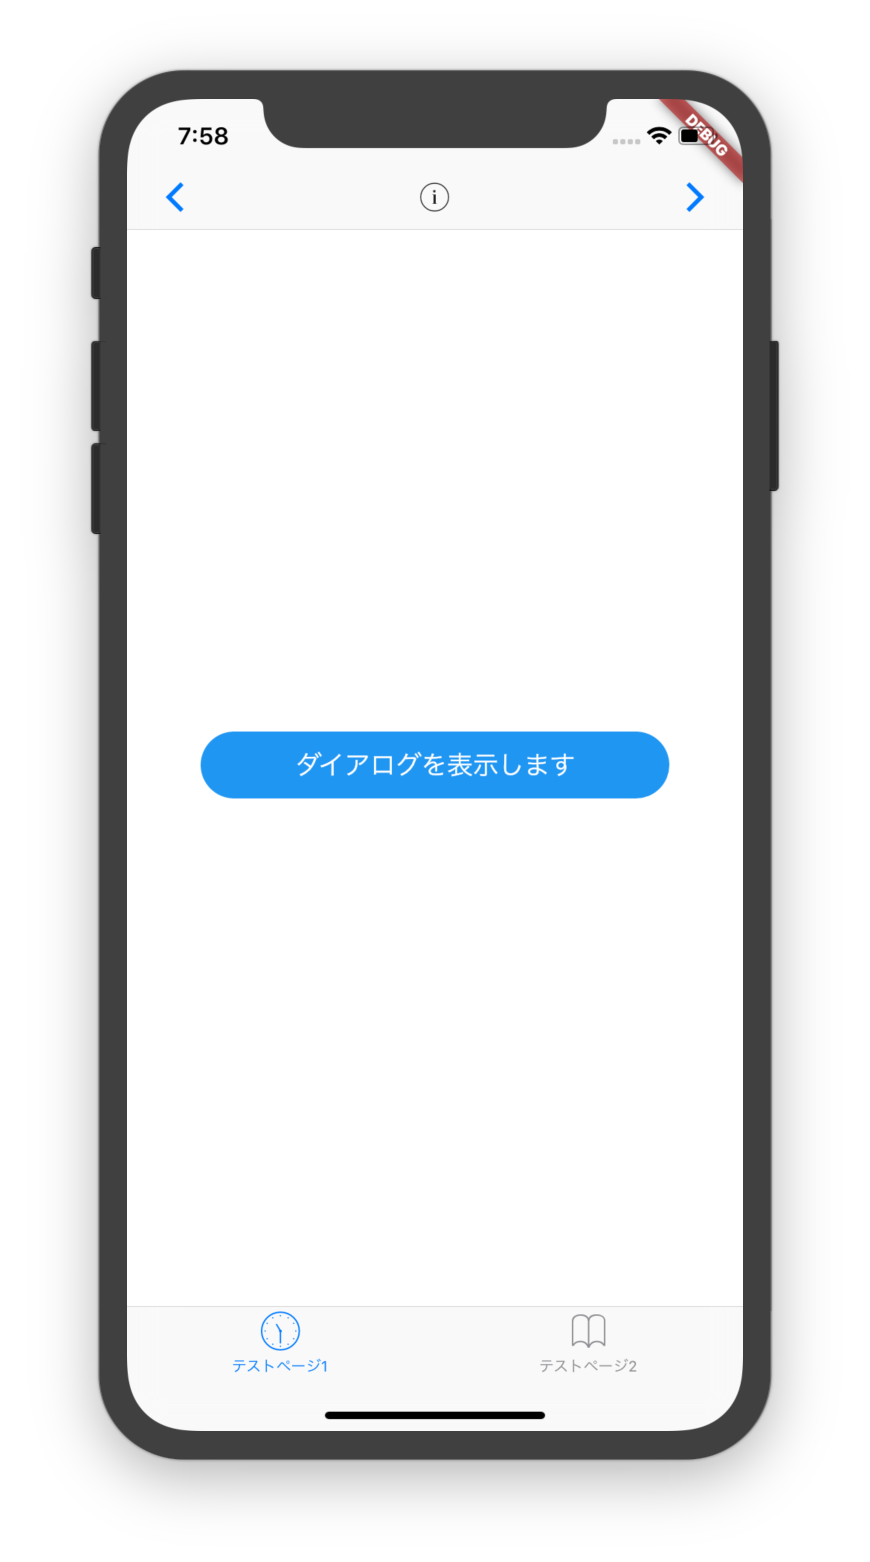 スクリーンショット 2018-12-14 7.57.58.png